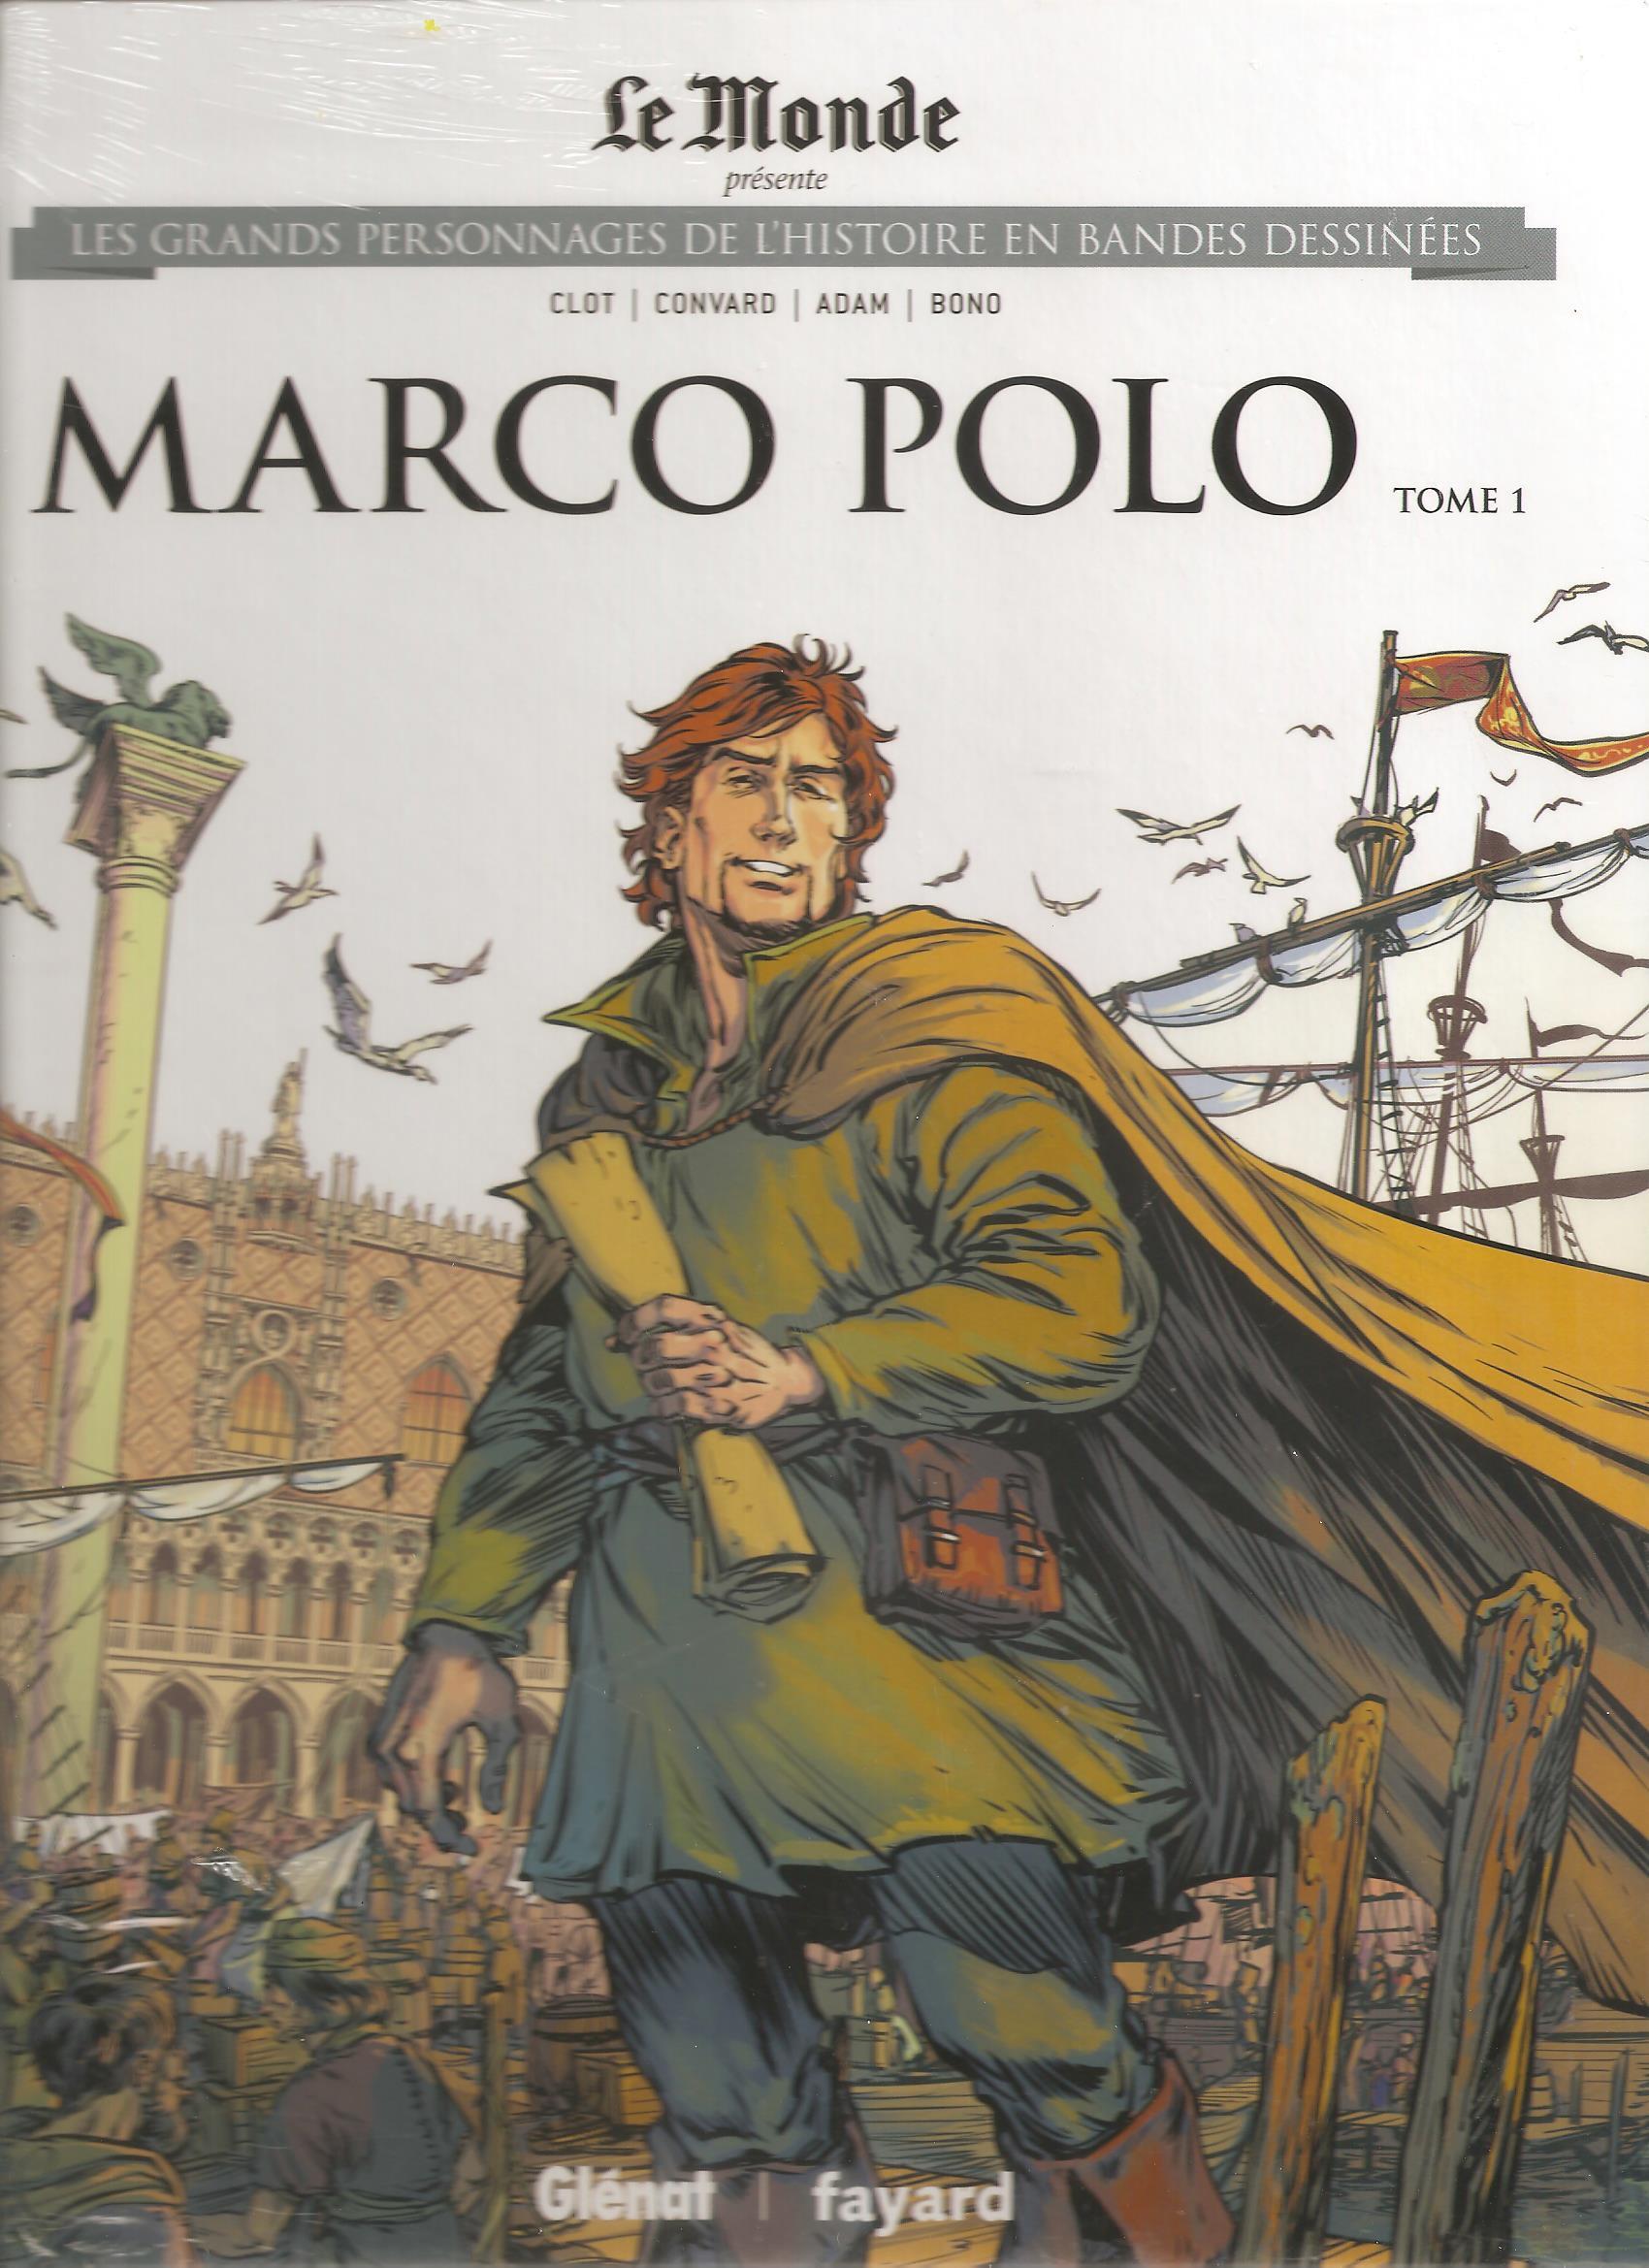 Les grands personnages de l'histoire en bandes dessinées 21 - Marco Polo 1